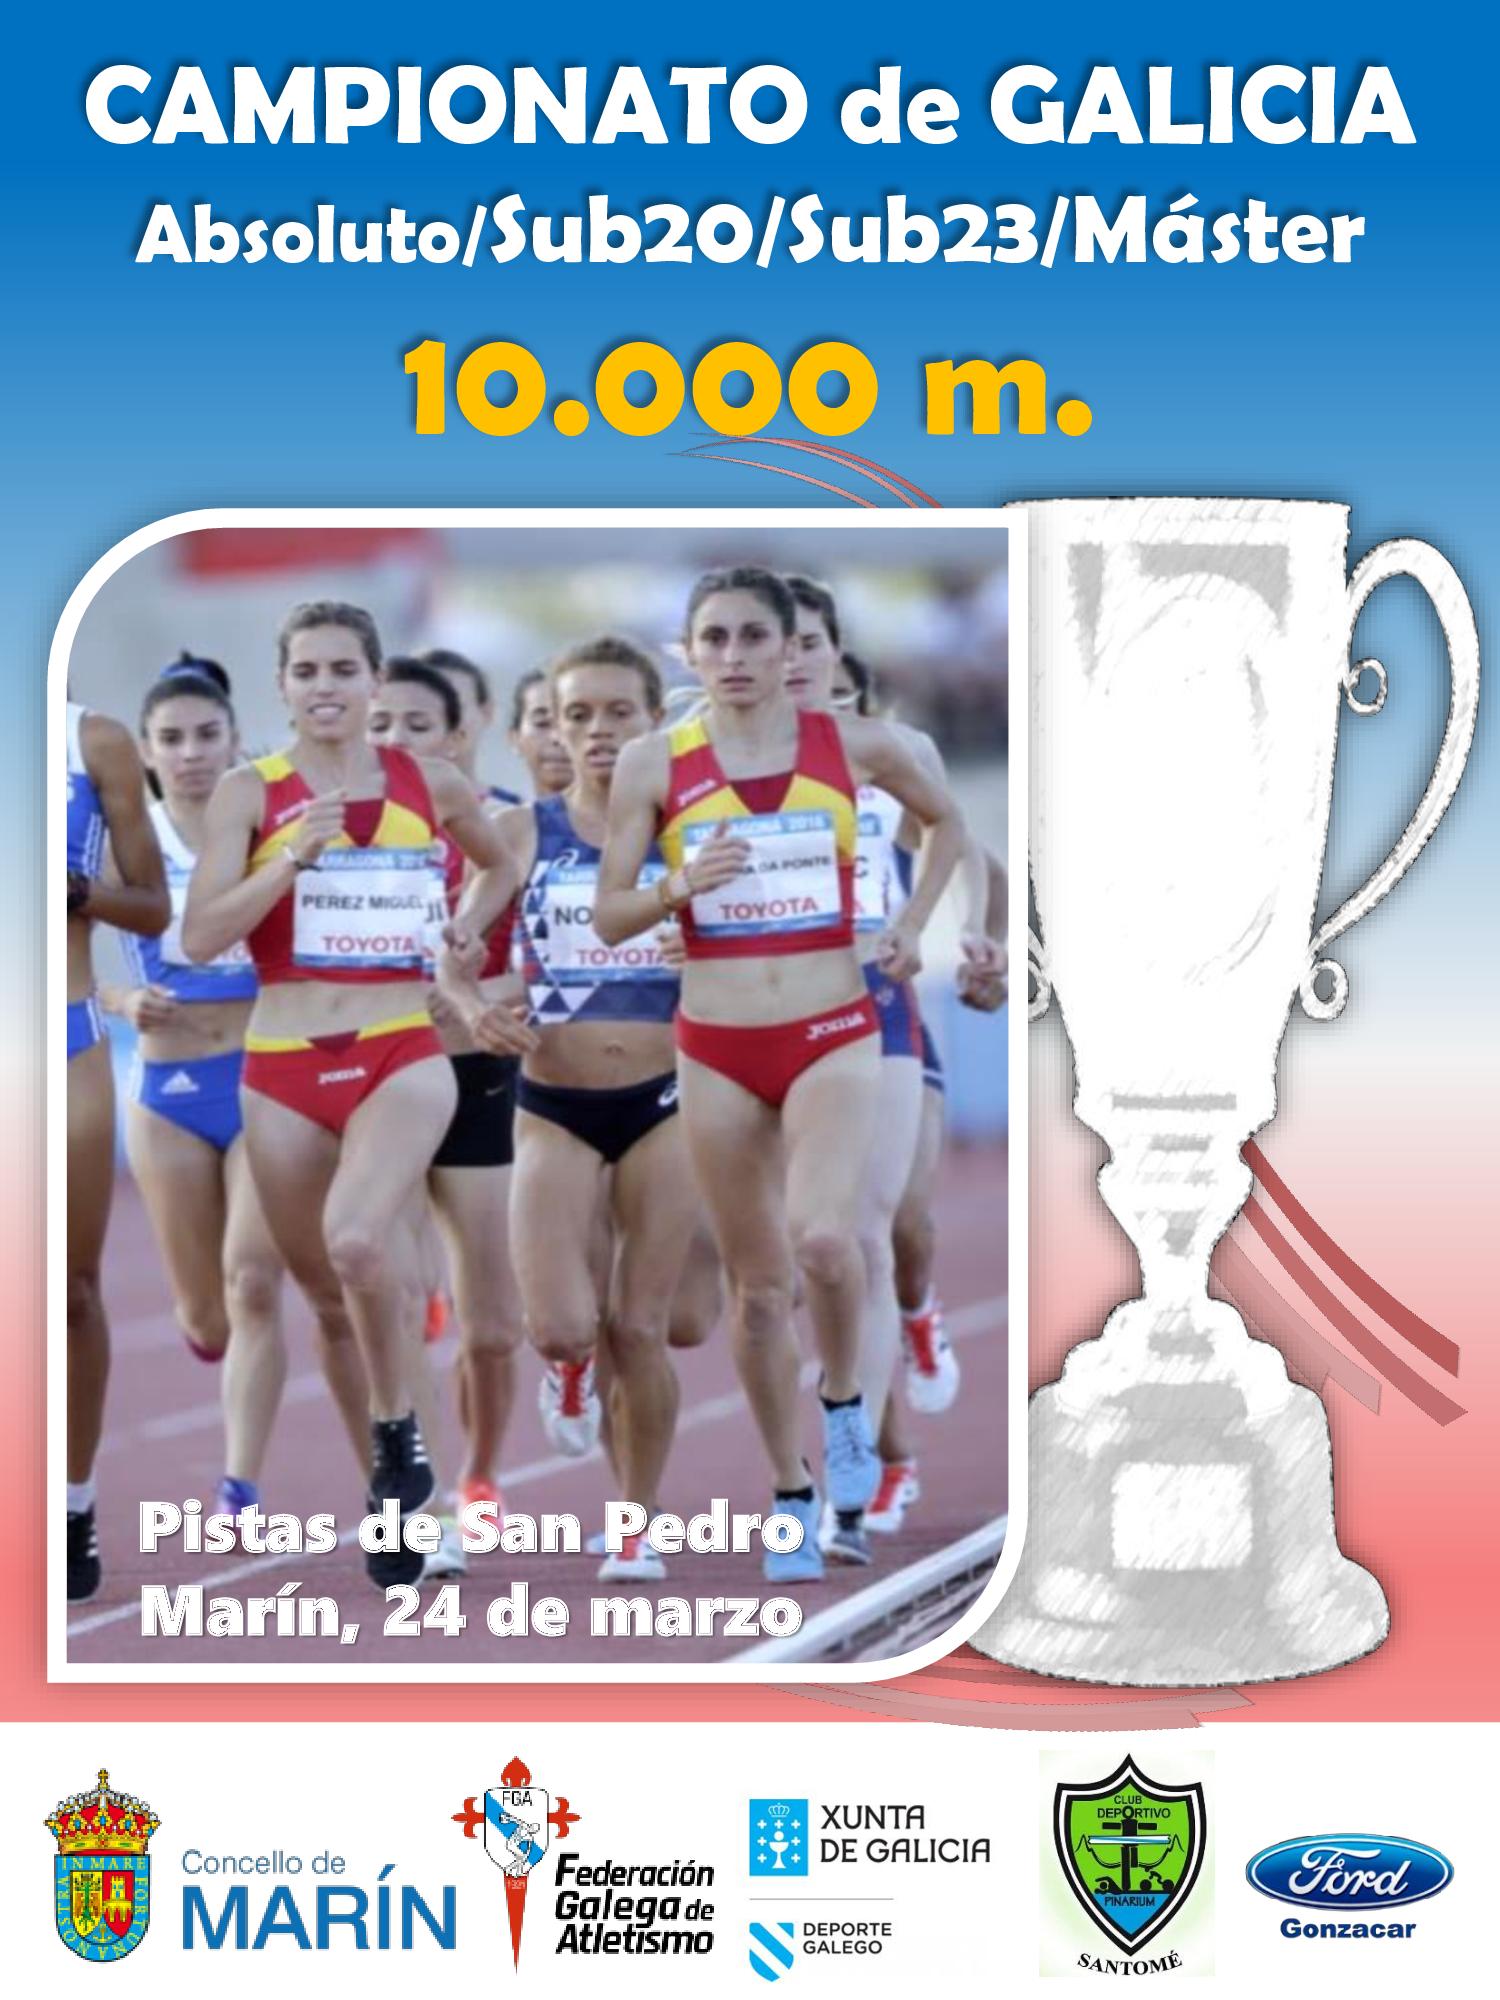 Campionato de Galicia de 10.000 m. 2018/2019